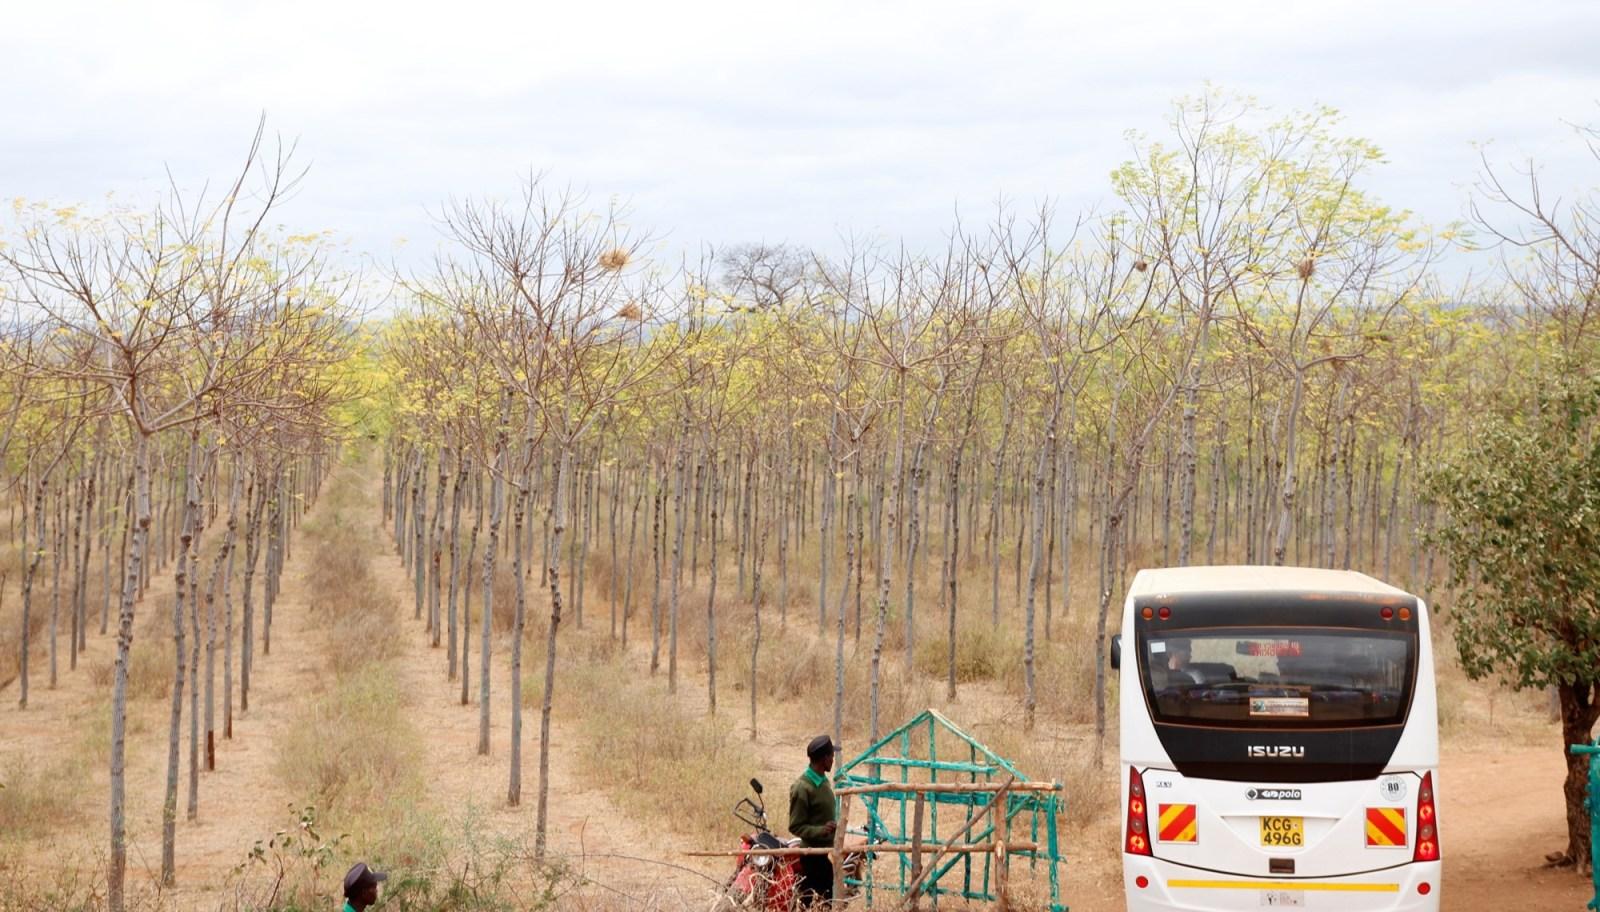 Infarten till Kiambere-plantagen, juli 2017. Mukau-träden är nu ca 6 år gamla.